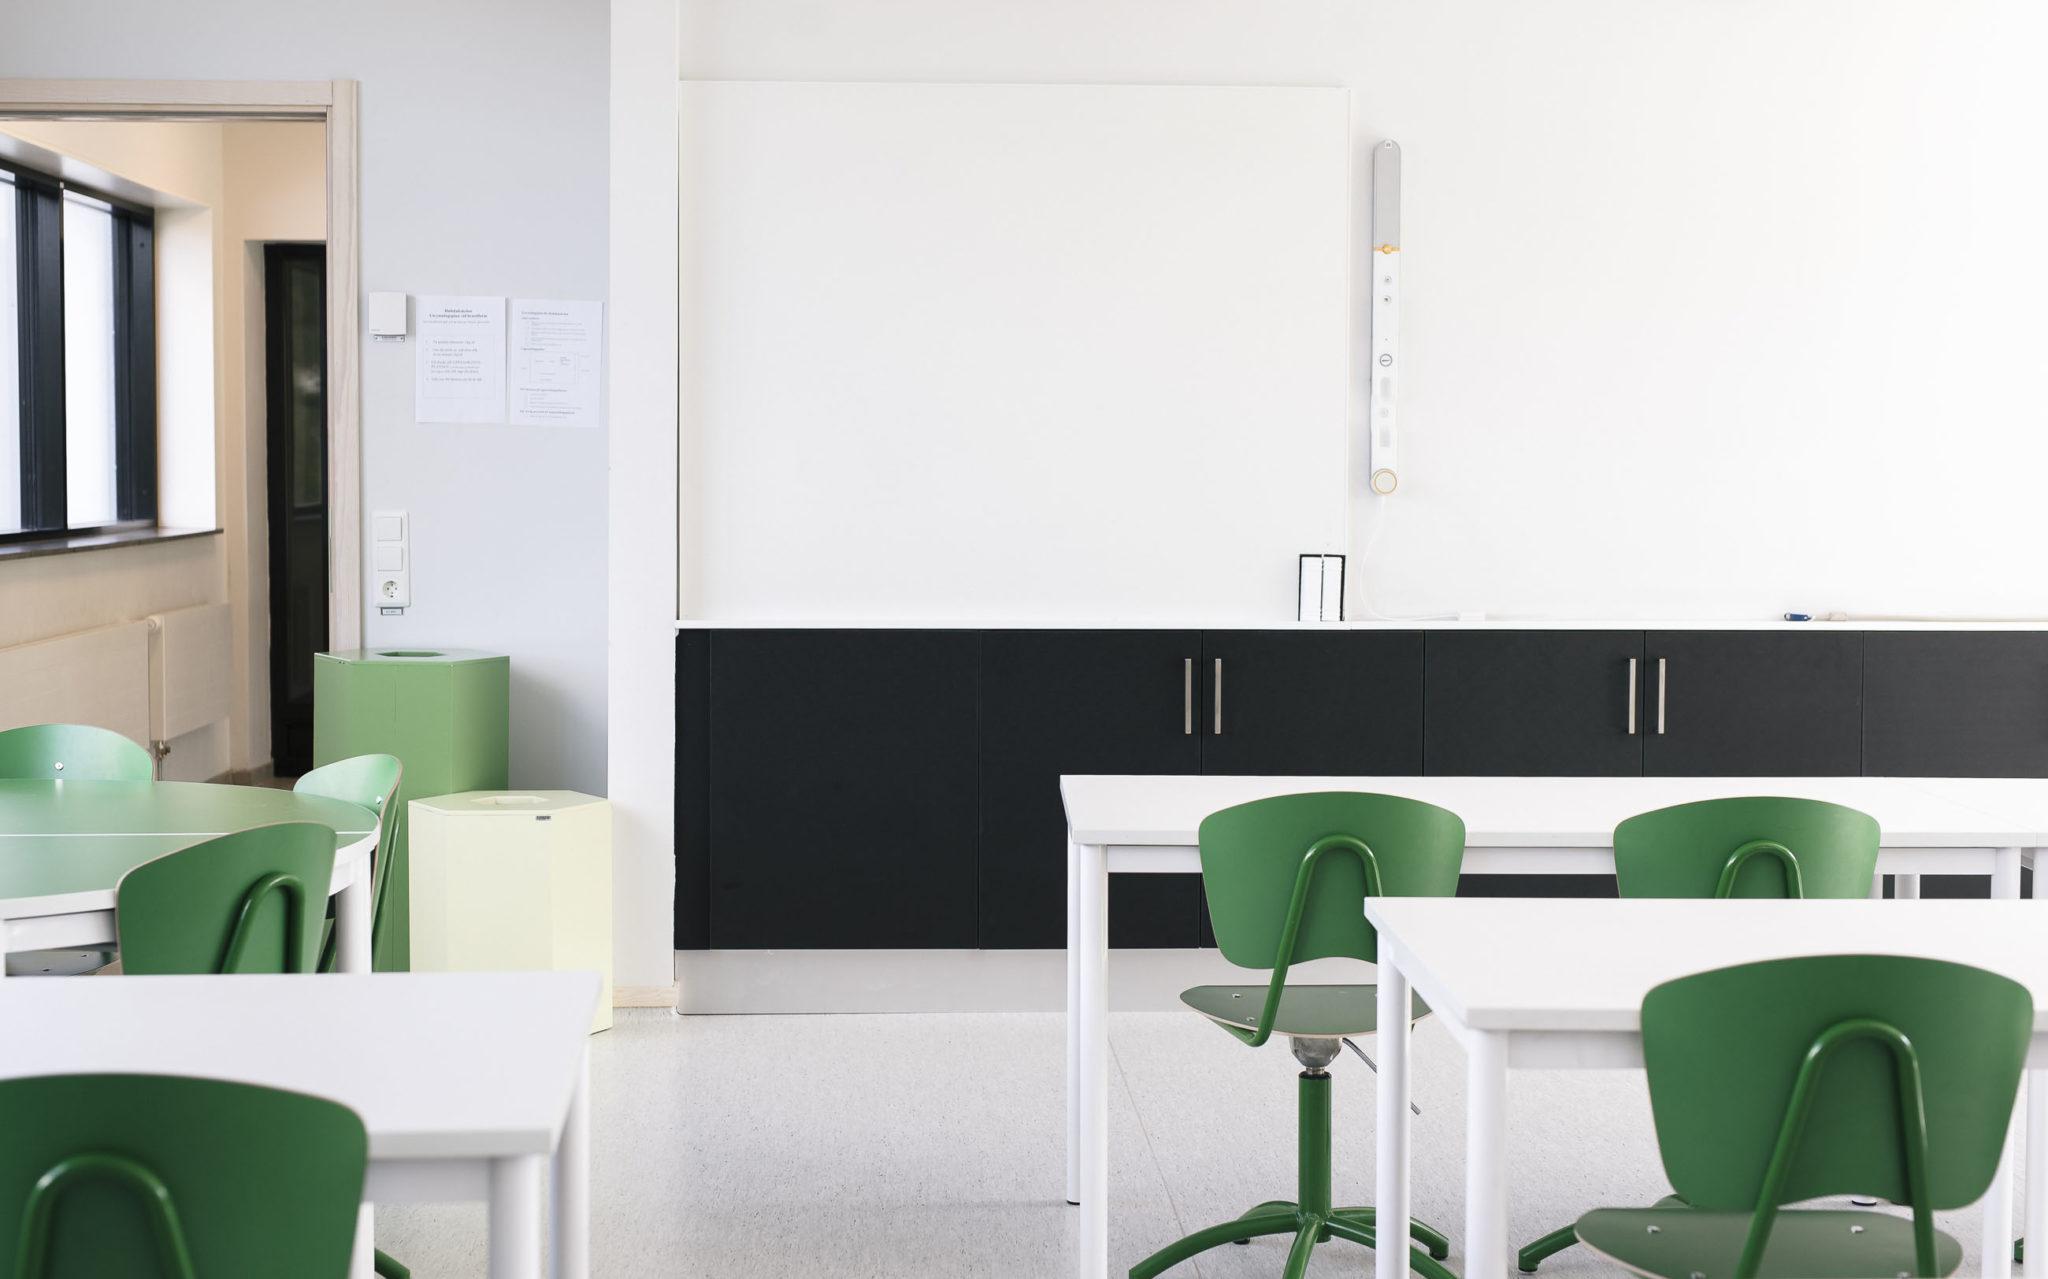 Vita bord och gröna stolar i klassrum